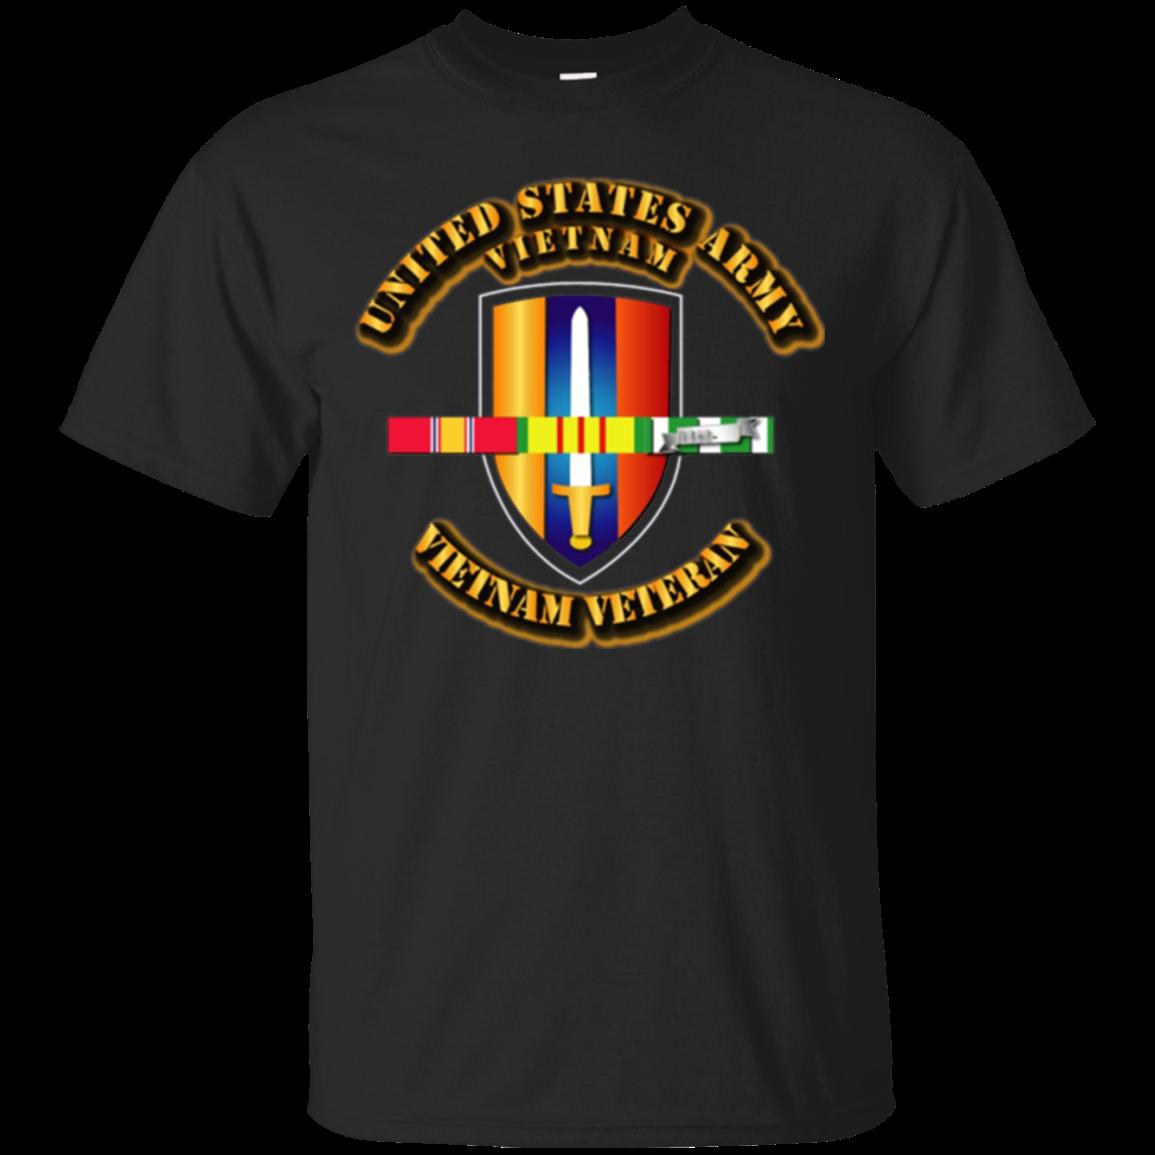 Us Army Vietnam Veteran Tshirt